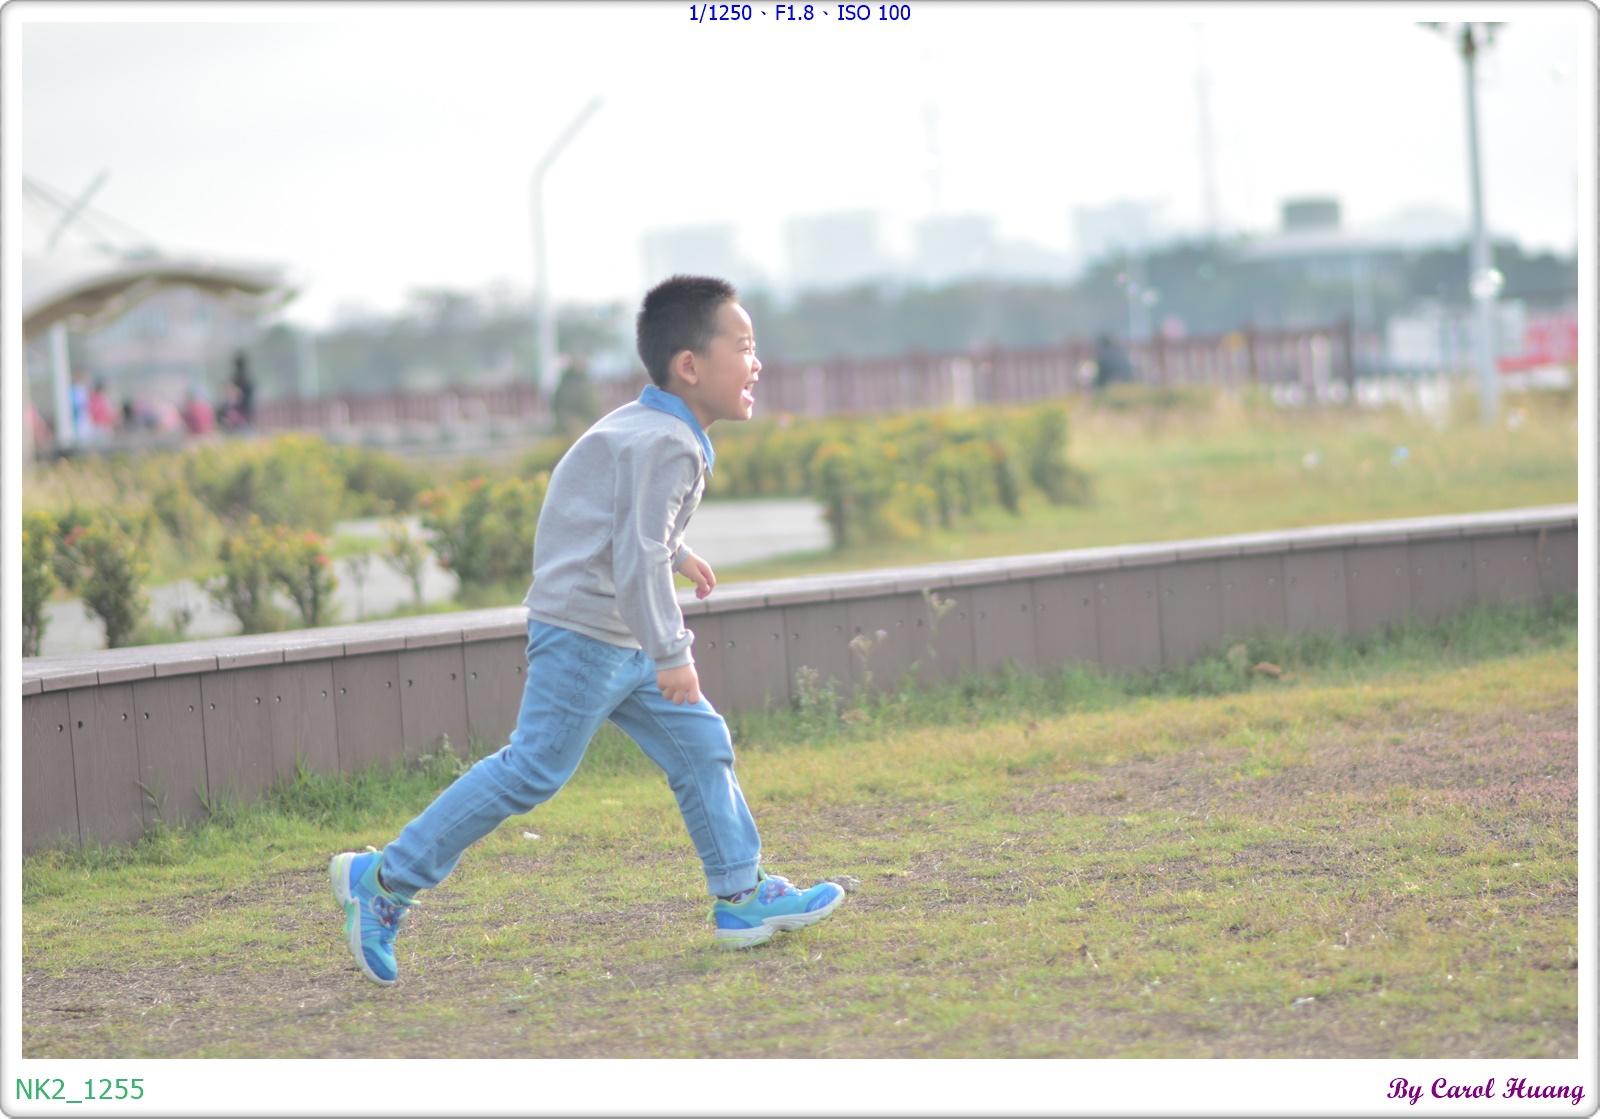 NK2_1255.JPG